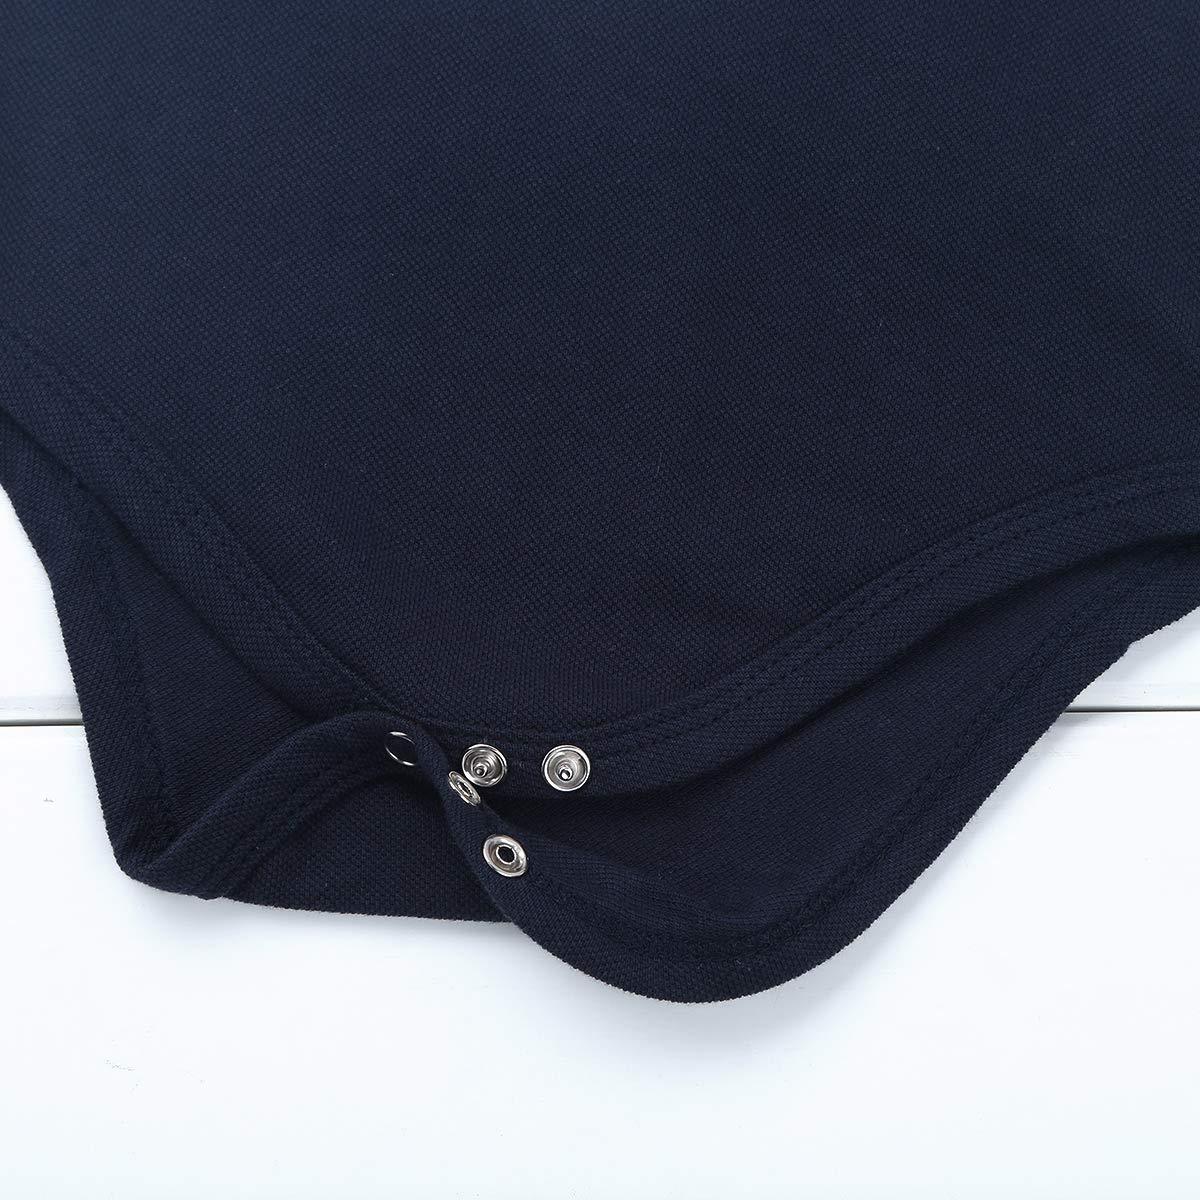 Tiaobug Baby-Jungen Hemd wei/ß mit Kentkragen Baumwolle Body Kurzarm Shirt Festliche Kleidung Gentleman Outfit Taufe Hochzeit Weihnachten Geburtstag